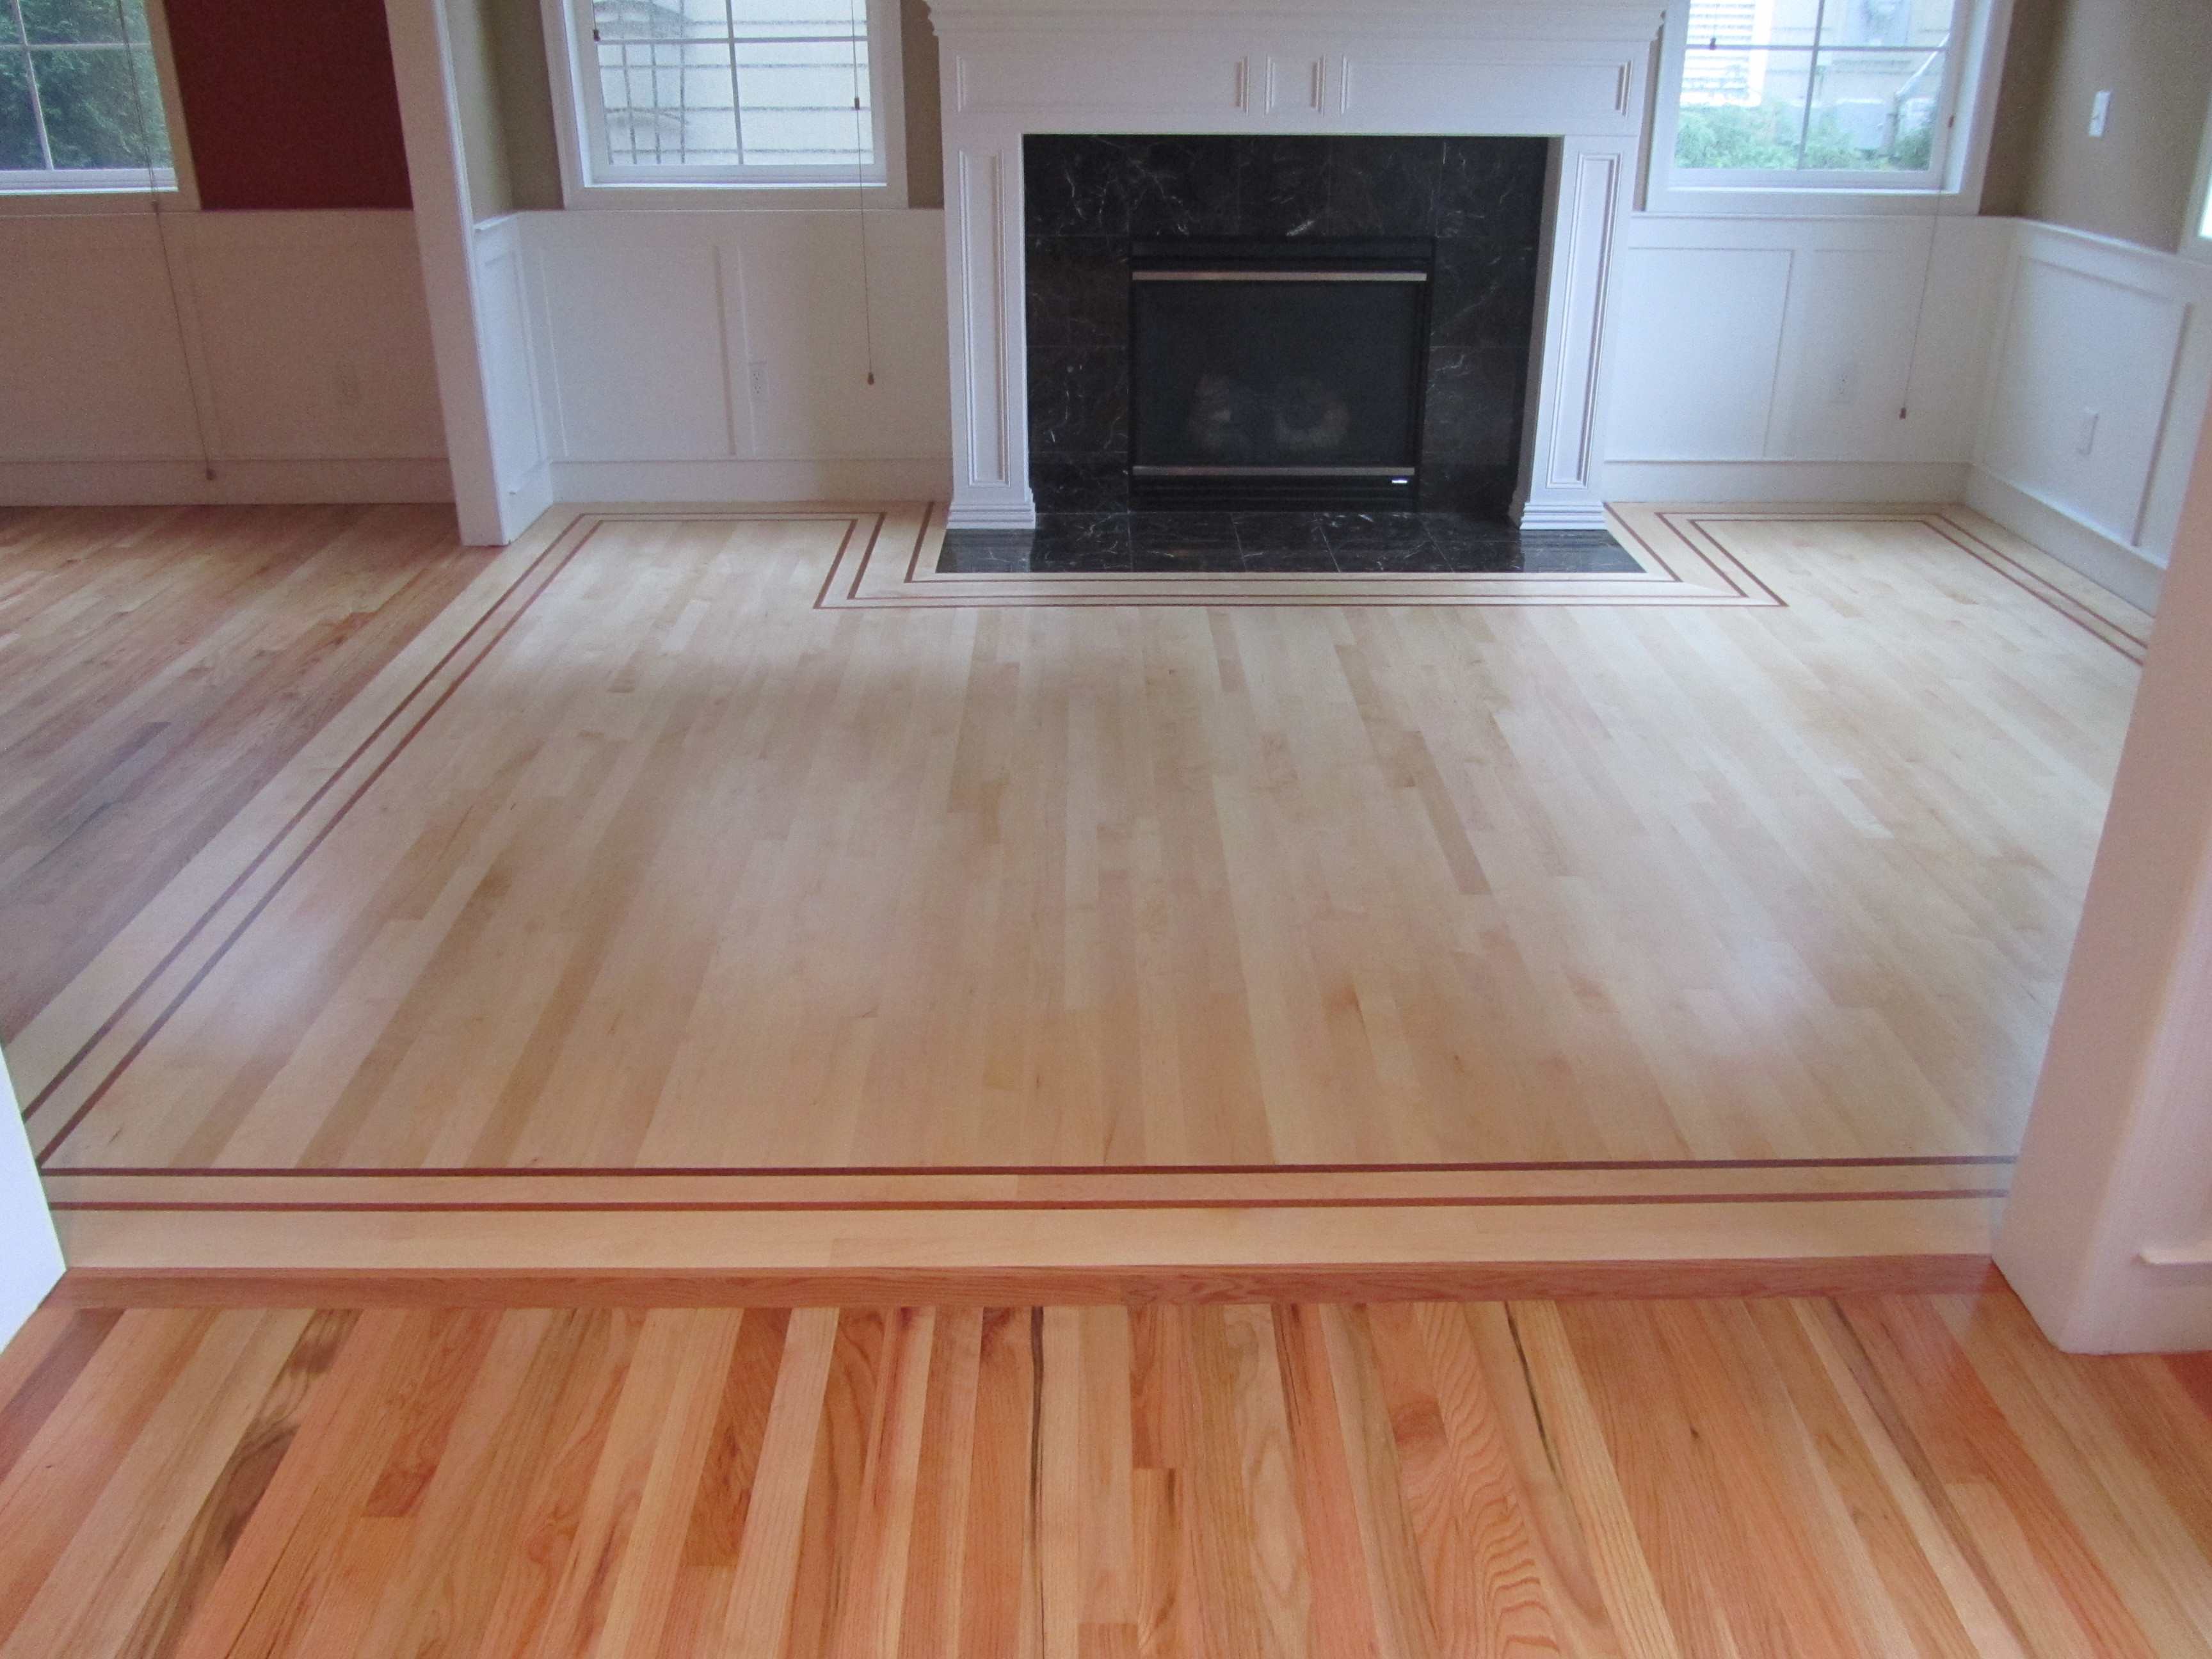 hardwood floor refinishing maryland of hardwood floor refinishing richmond va 4 white oak hardwood floor pertaining to hardwood floor refinishing richmond va hardwood flooring contractor